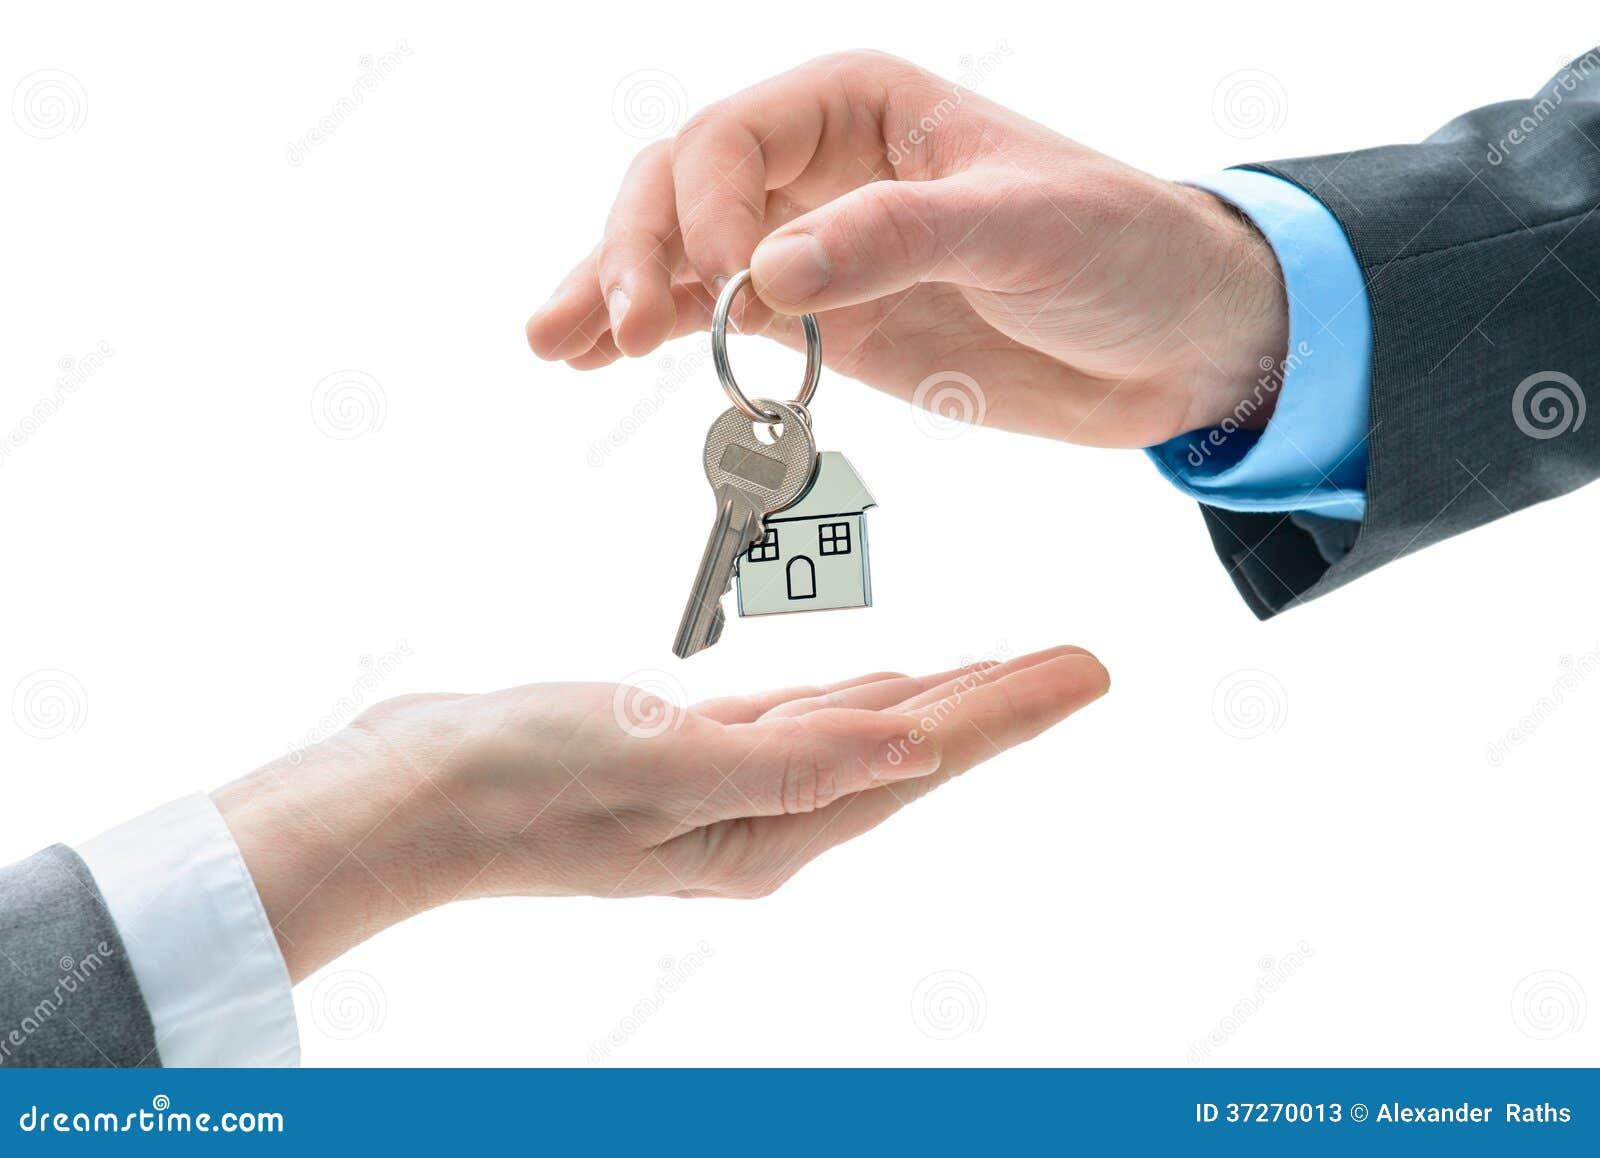 El Hombre Está Dando Una Llave De La Casa A Otras Manos